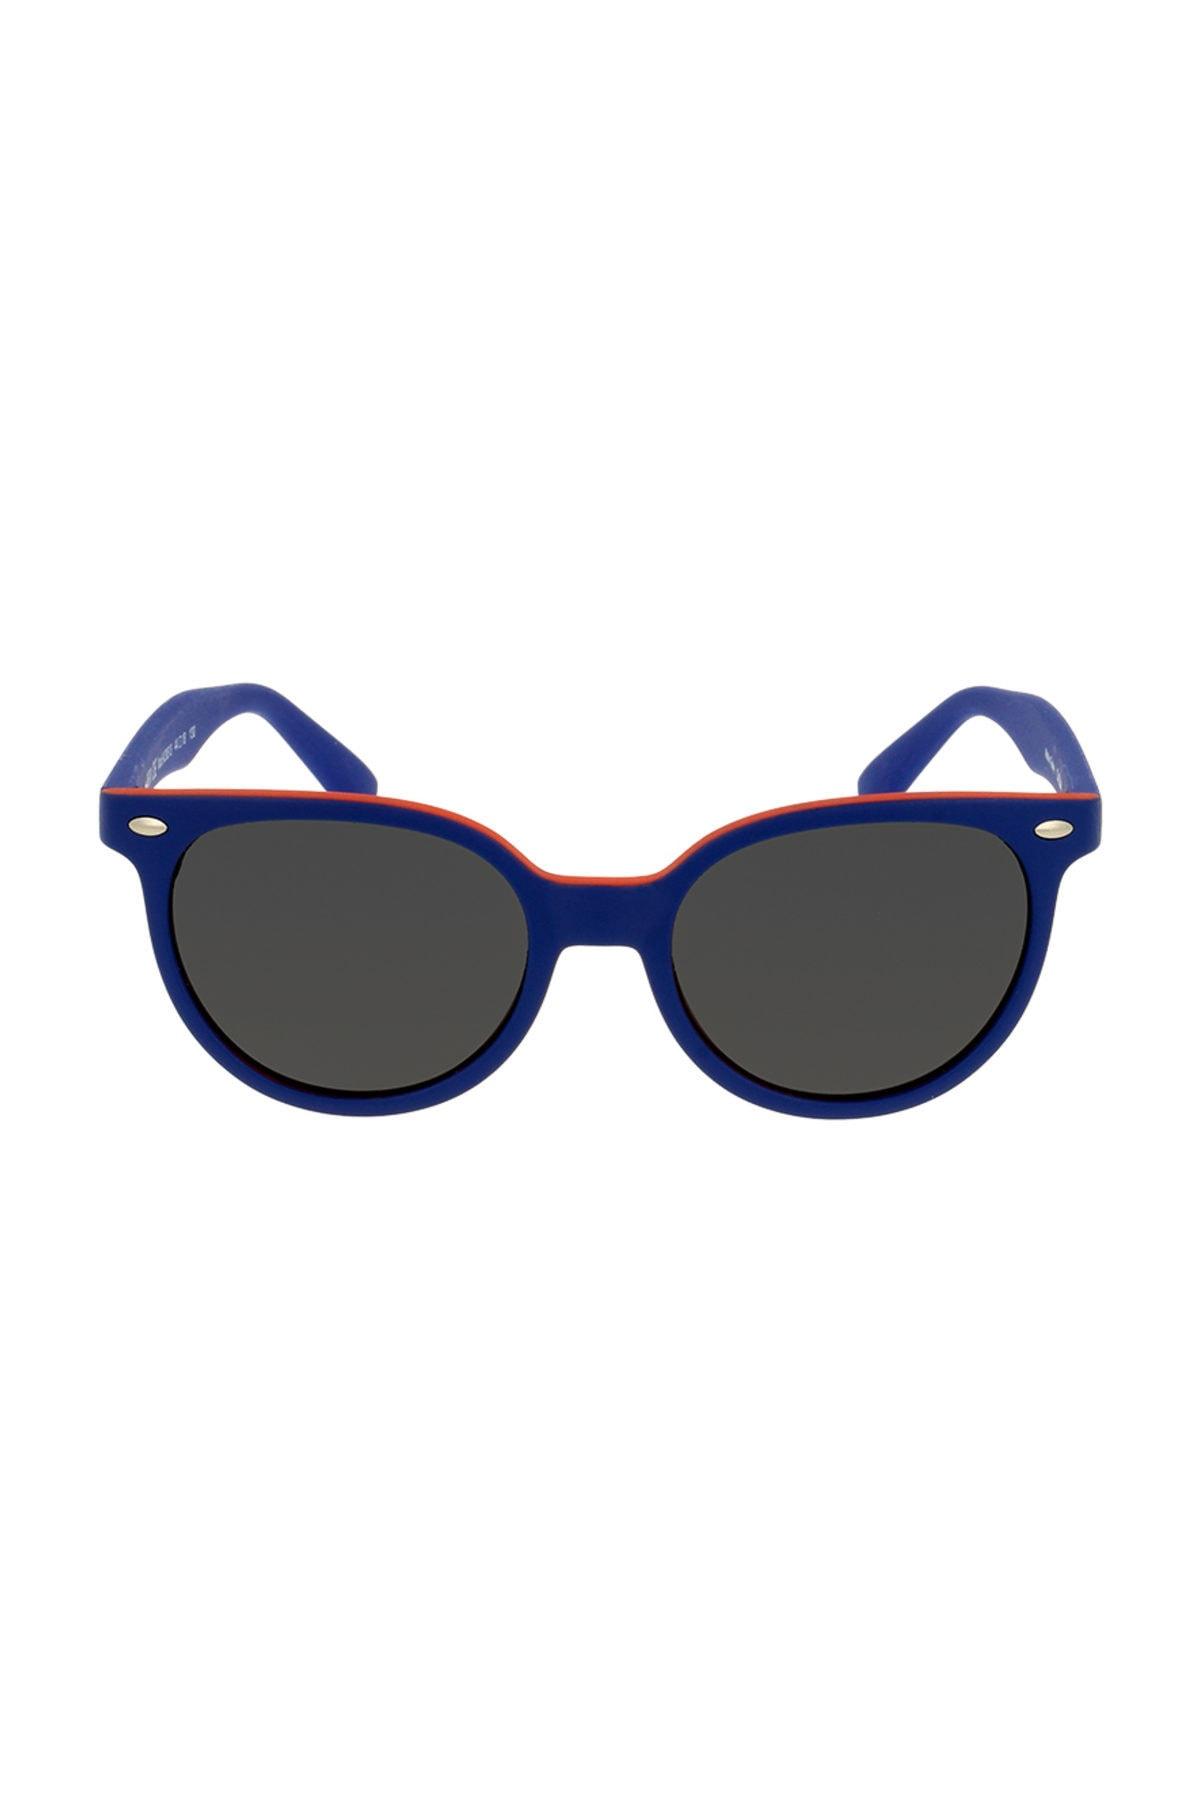 خرید پستی عینک آفتابی پسرانه پارچه  برند INESTA KIDS POLARIZED رنگ بژ کد ty33199205